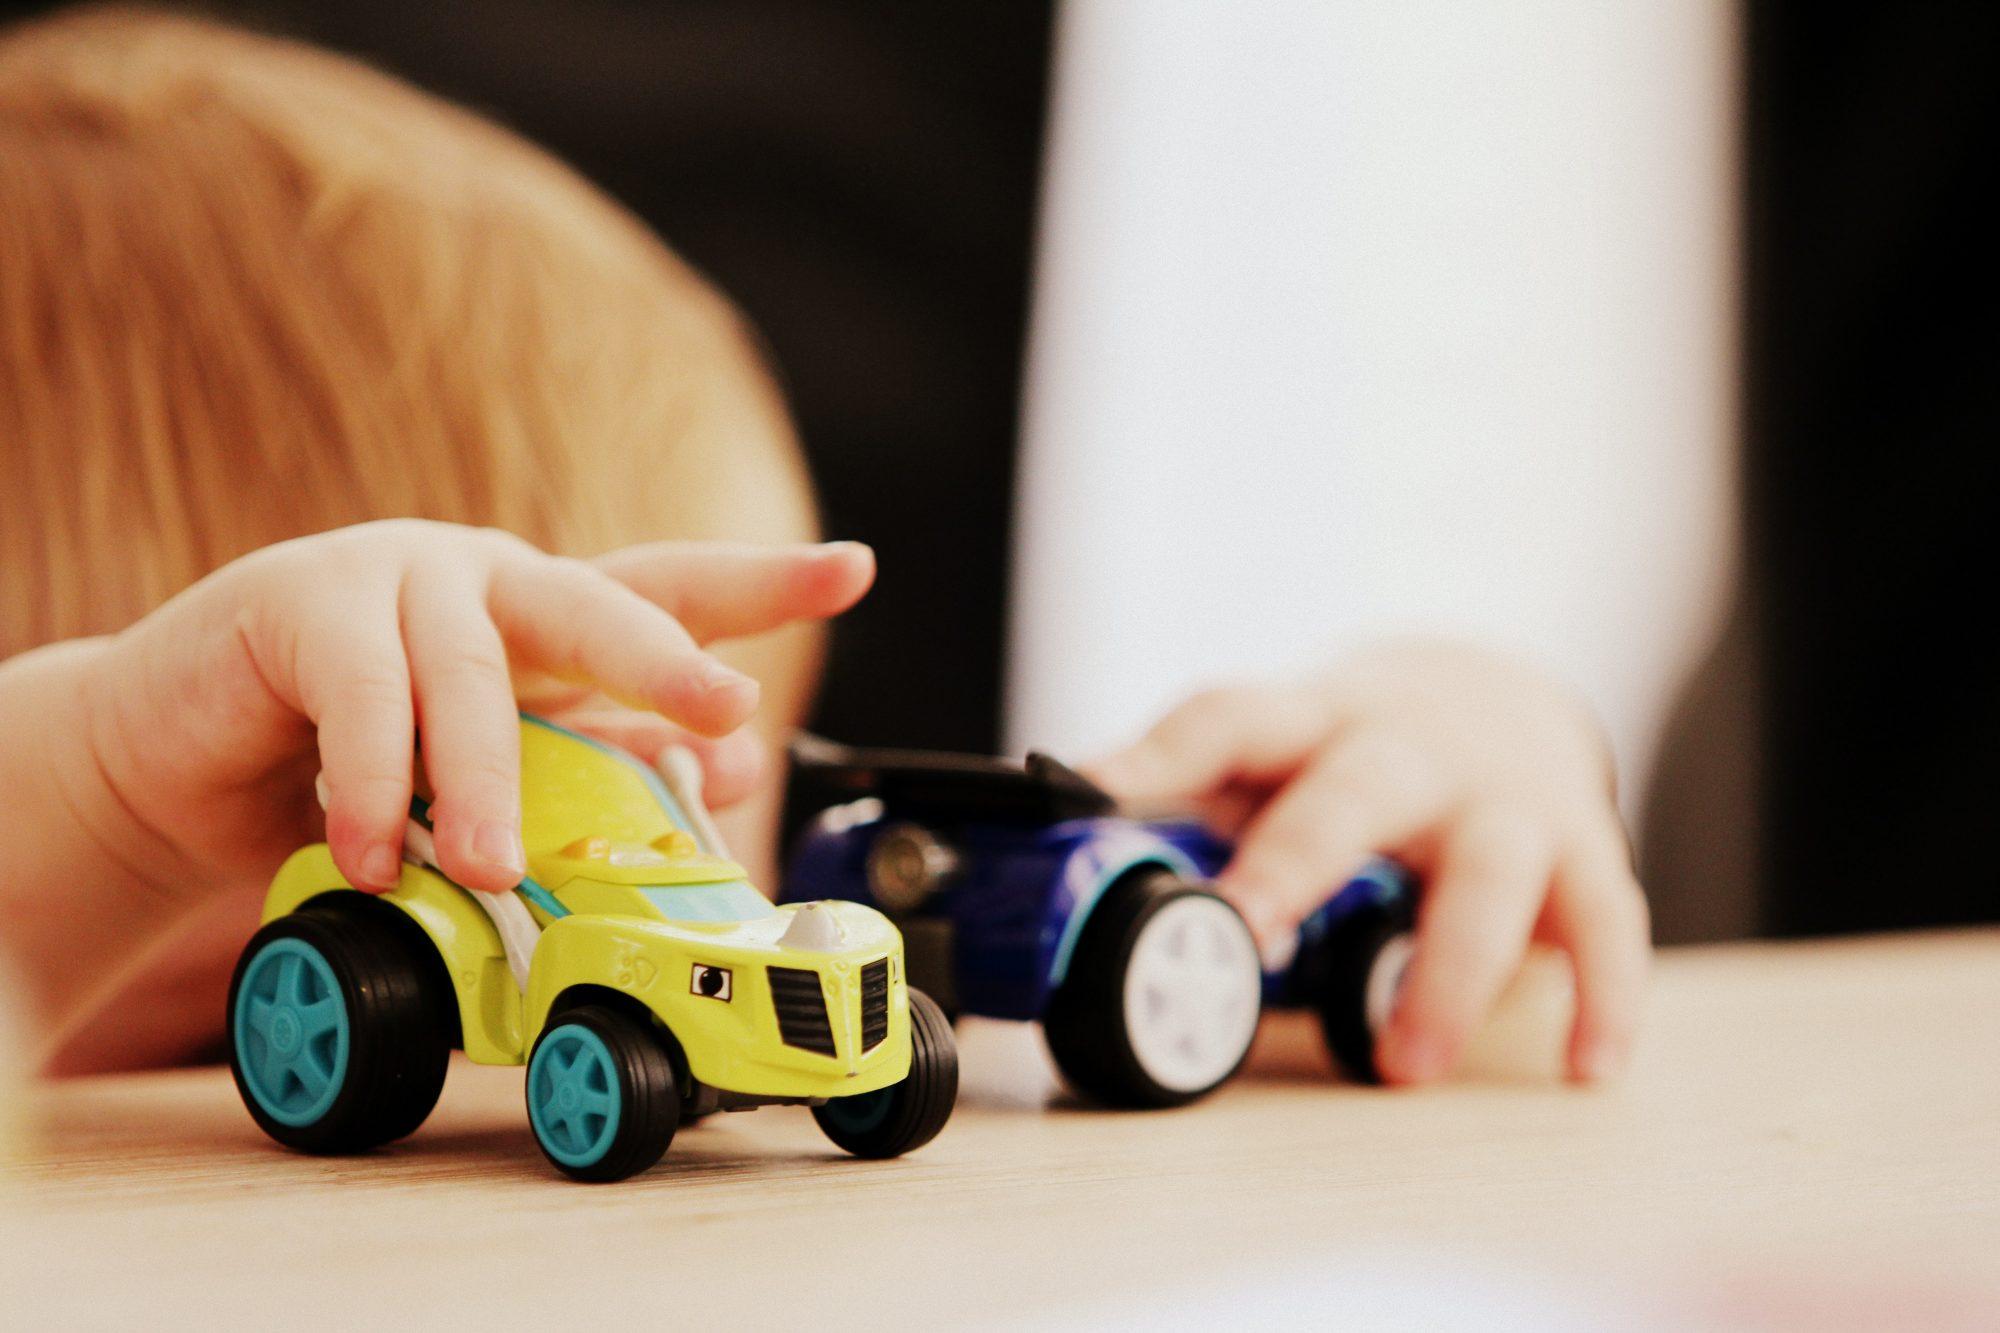 Lapsen ehdoilla – pienten lasten osallisuutta tukemassa adoptio- ja sijaisperheissä